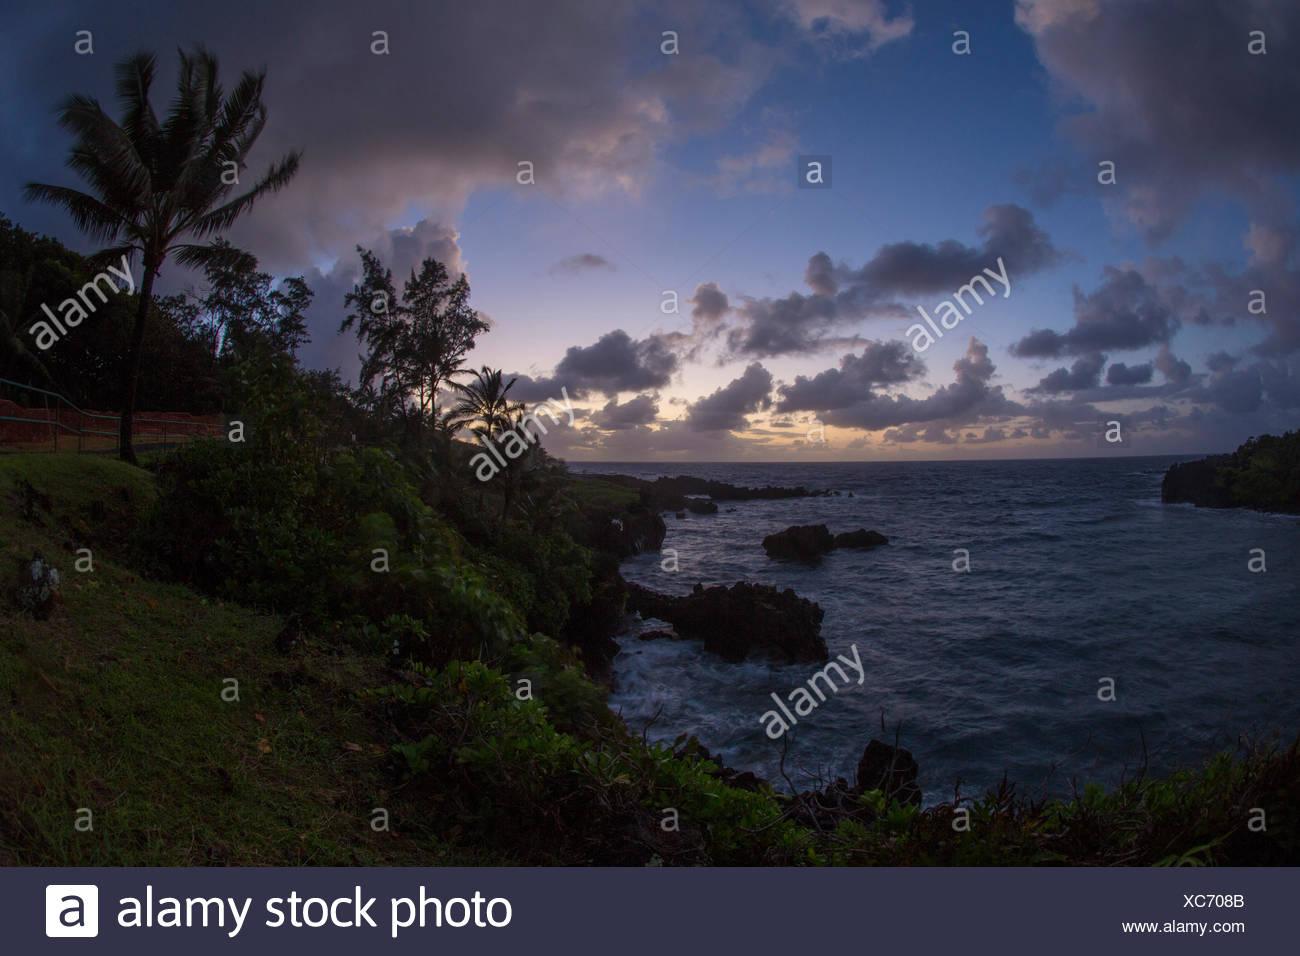 Maui,Wai'anapanapa,State Park,costa,ESTADOS UNIDOS,Hawaii,Latina,Tarde, Imagen De Stock